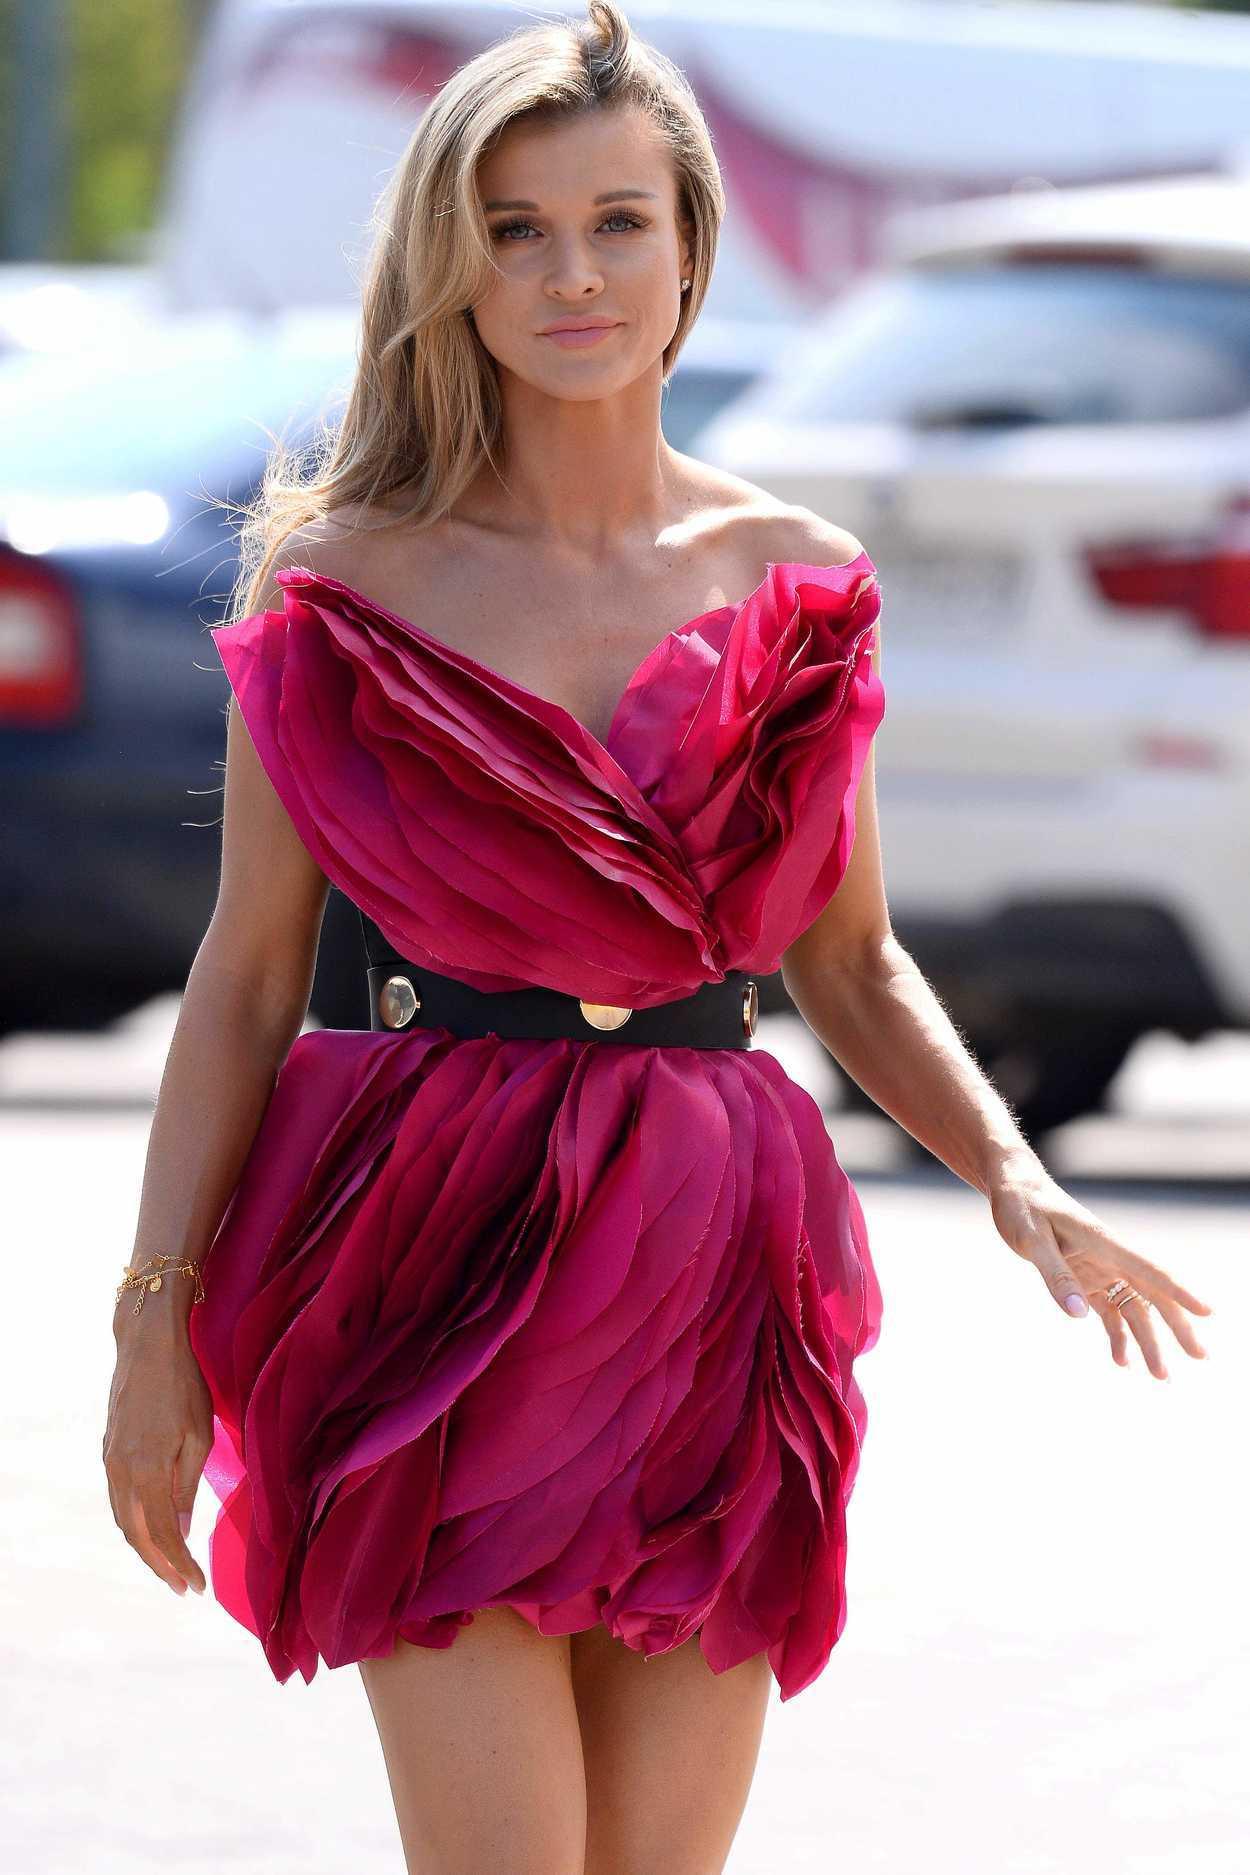 Joanna Krupa in a Red Babydoll Dress